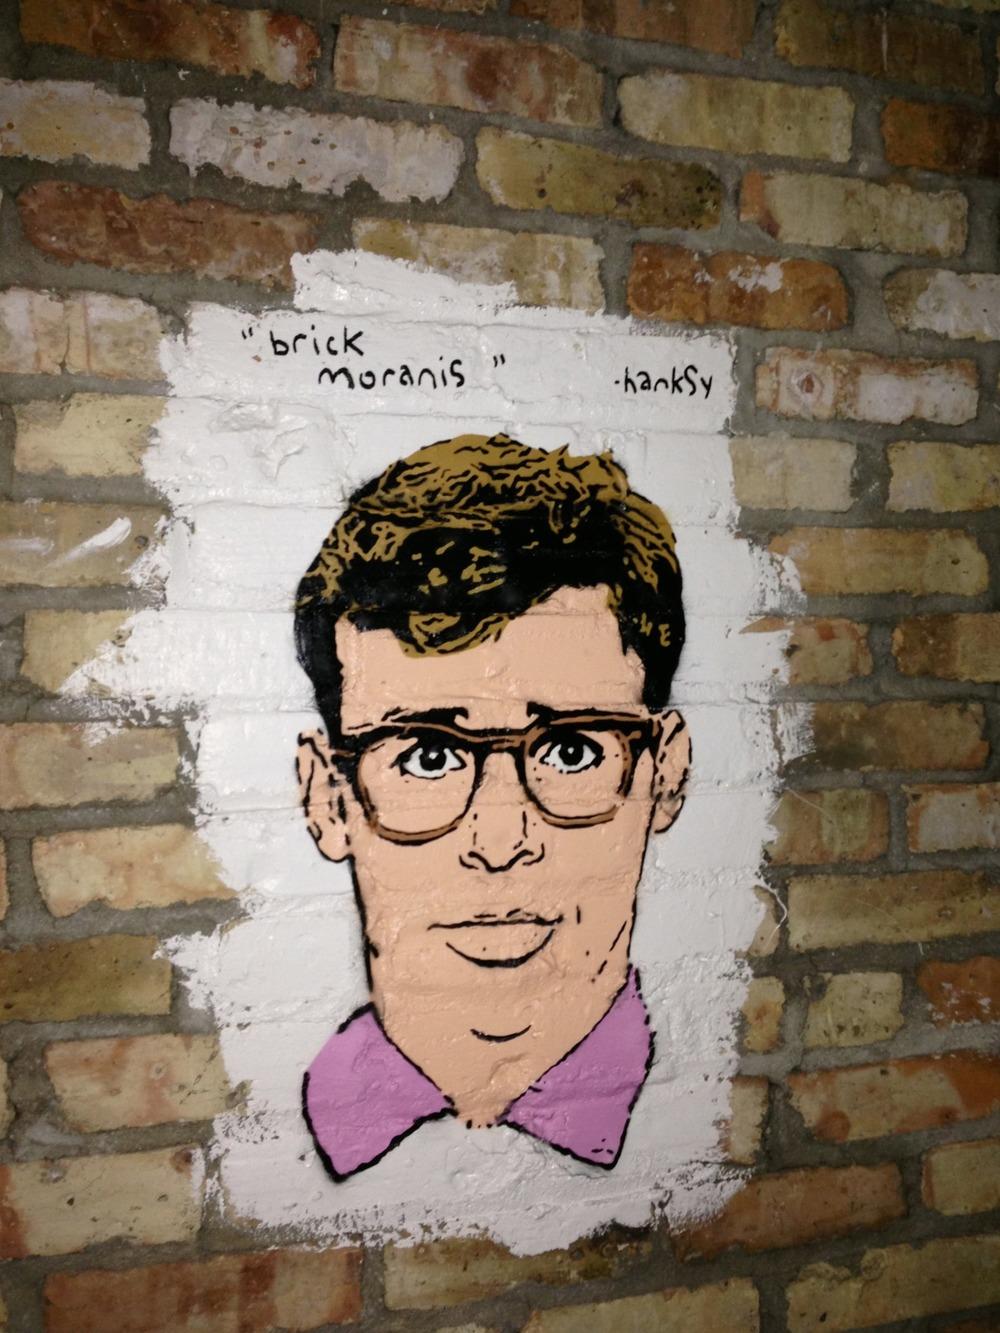 Brick Moranis, Chicago, IL